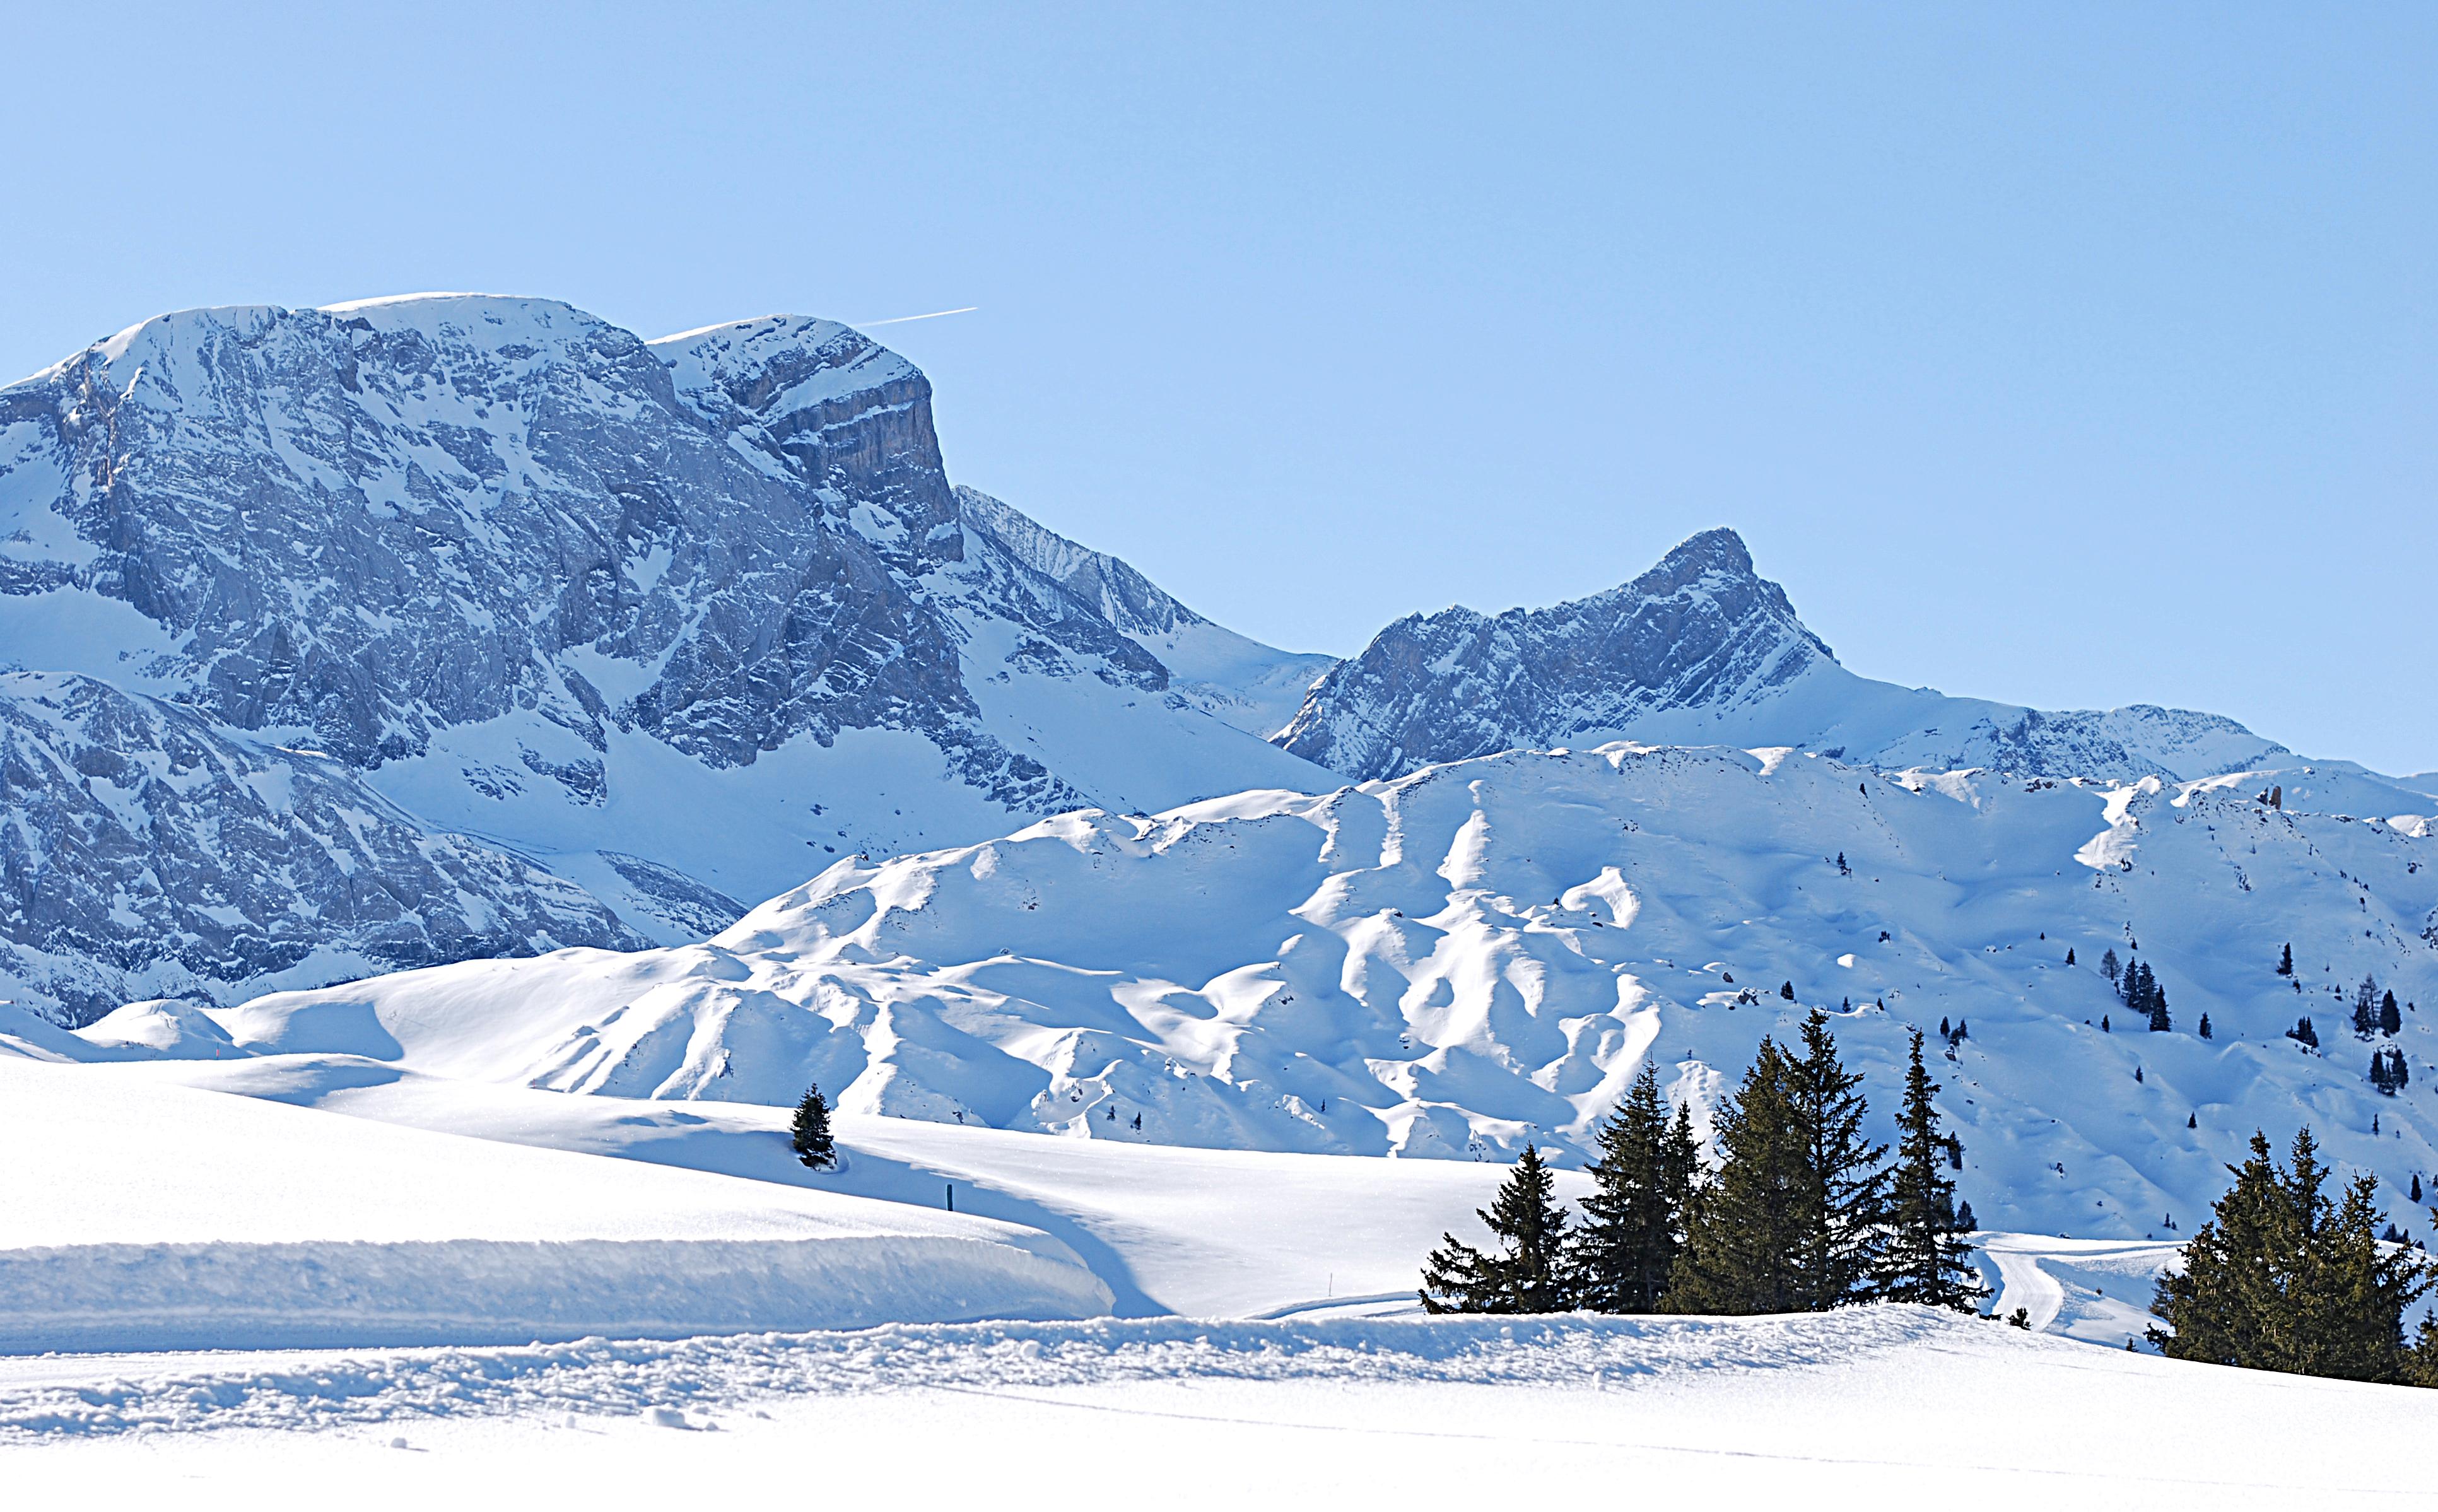 Sentier de randonnée hivernale du Niesenhorn au Leiterli